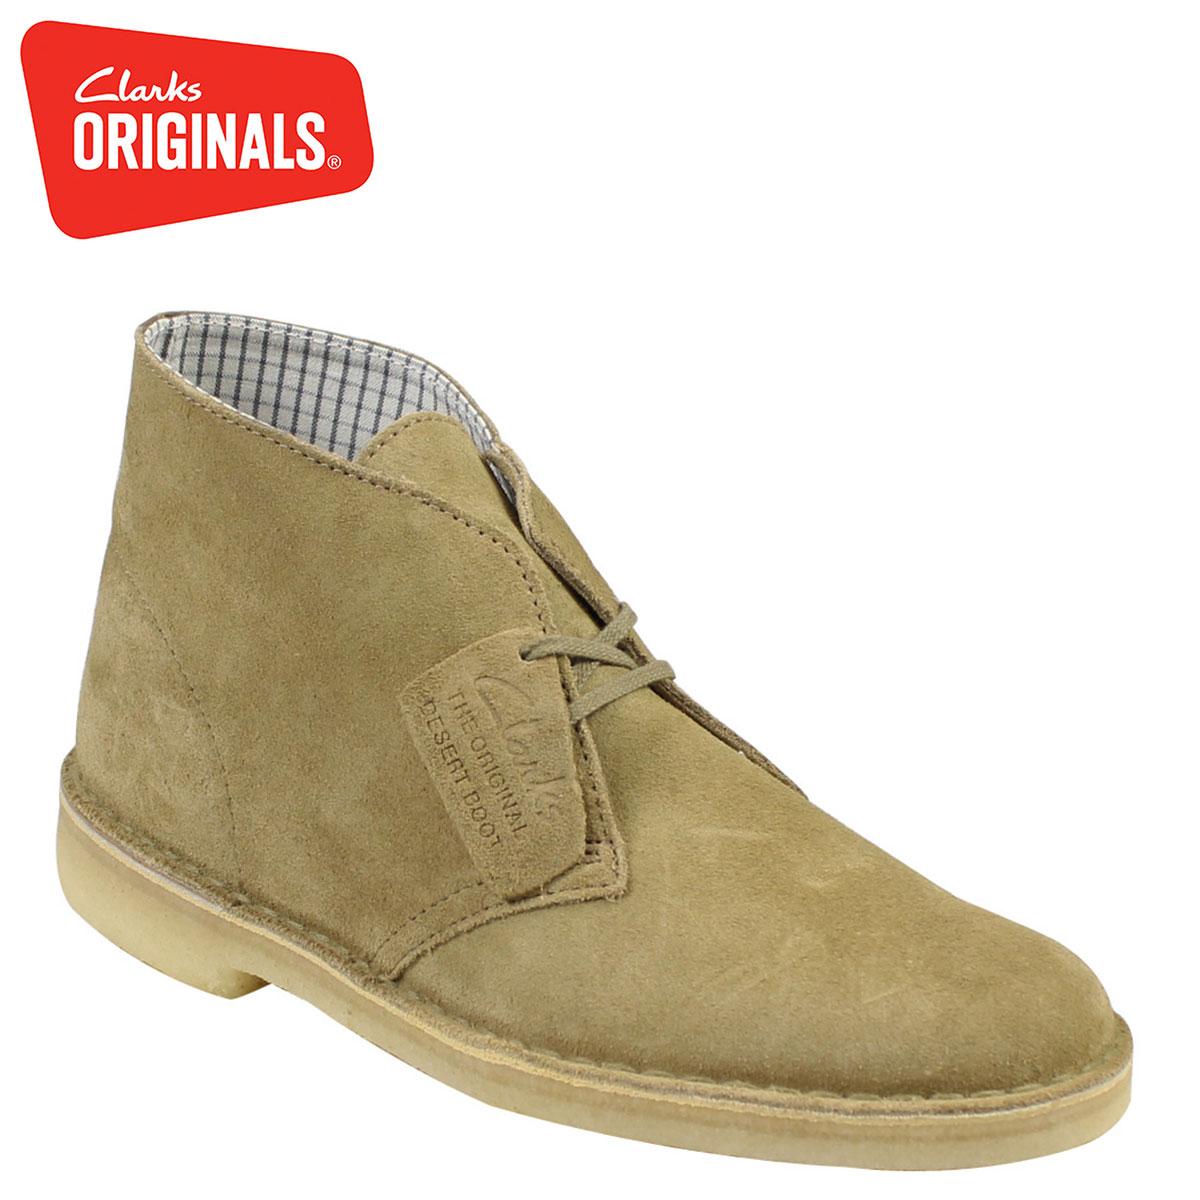 Clarks Originals Desert Boots Men/'s Oakwood Suede 26110058